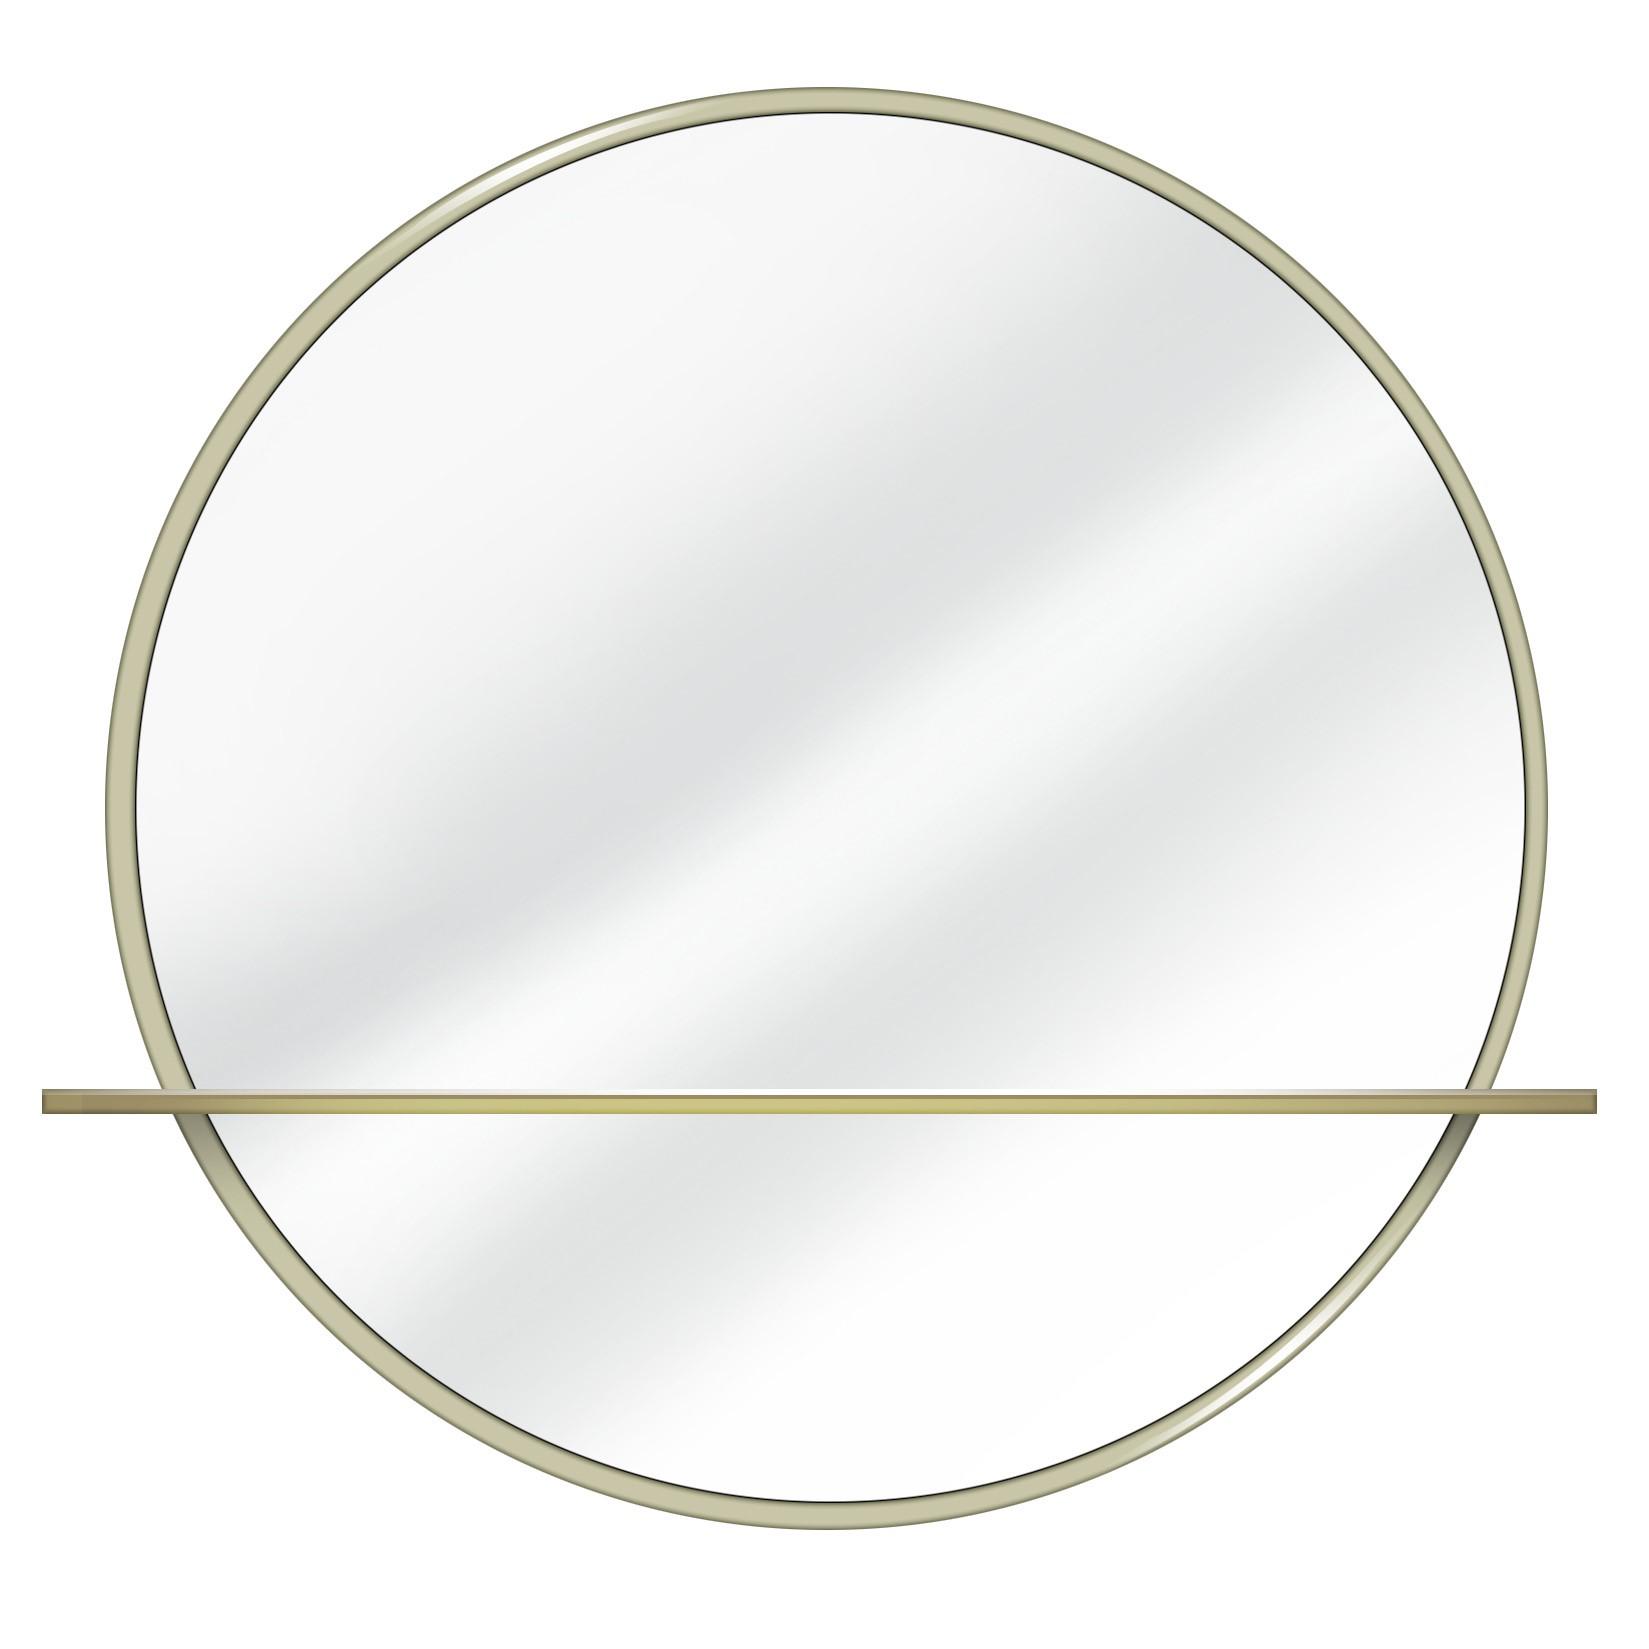 HALO Round Dresser Mirror with Shelf